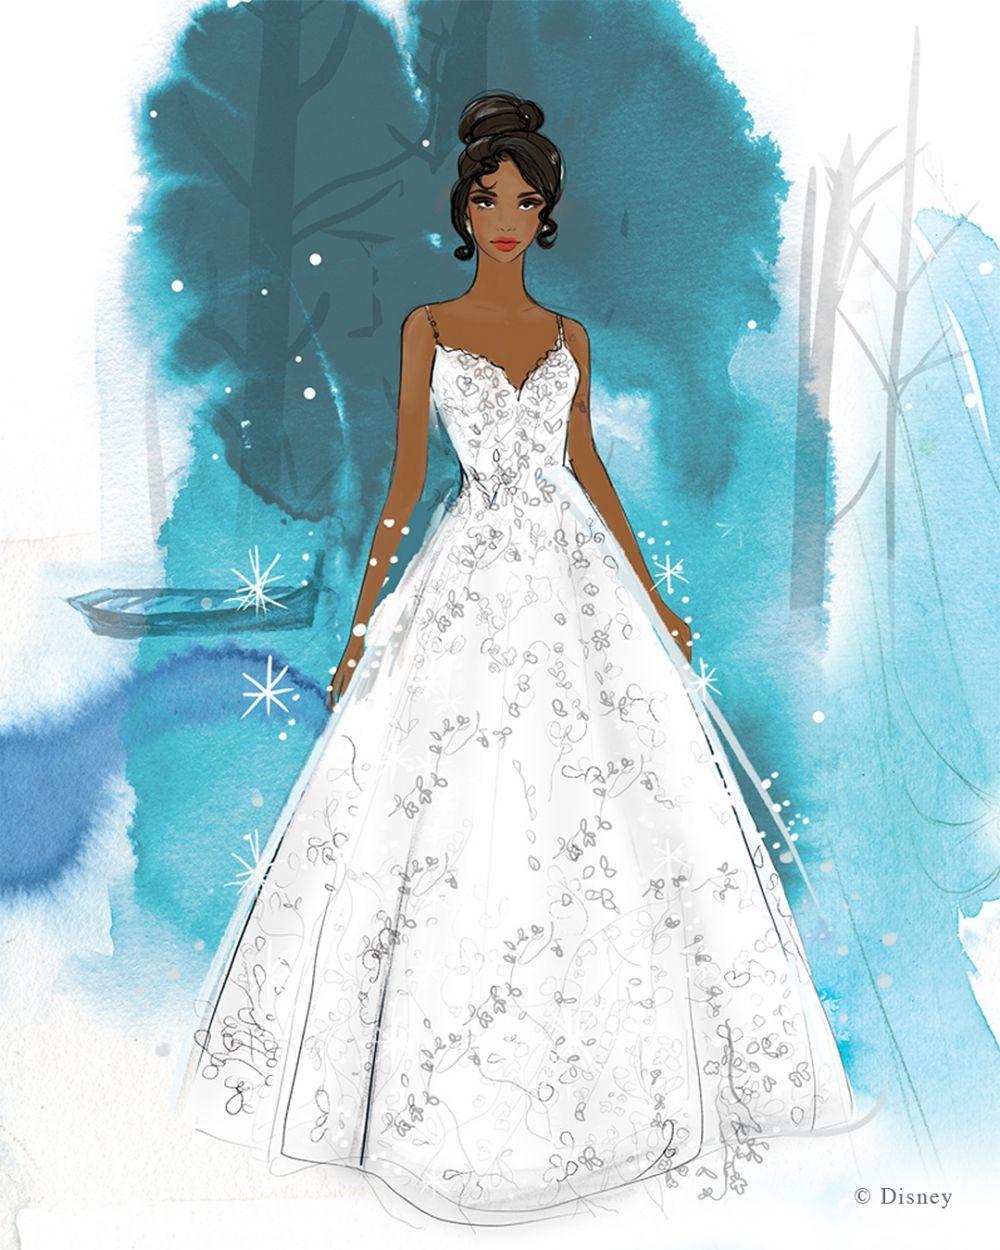 Các mẫu váy có giá bán đa dạng, mắc nhất đến hơn 230 triệu VNĐ.